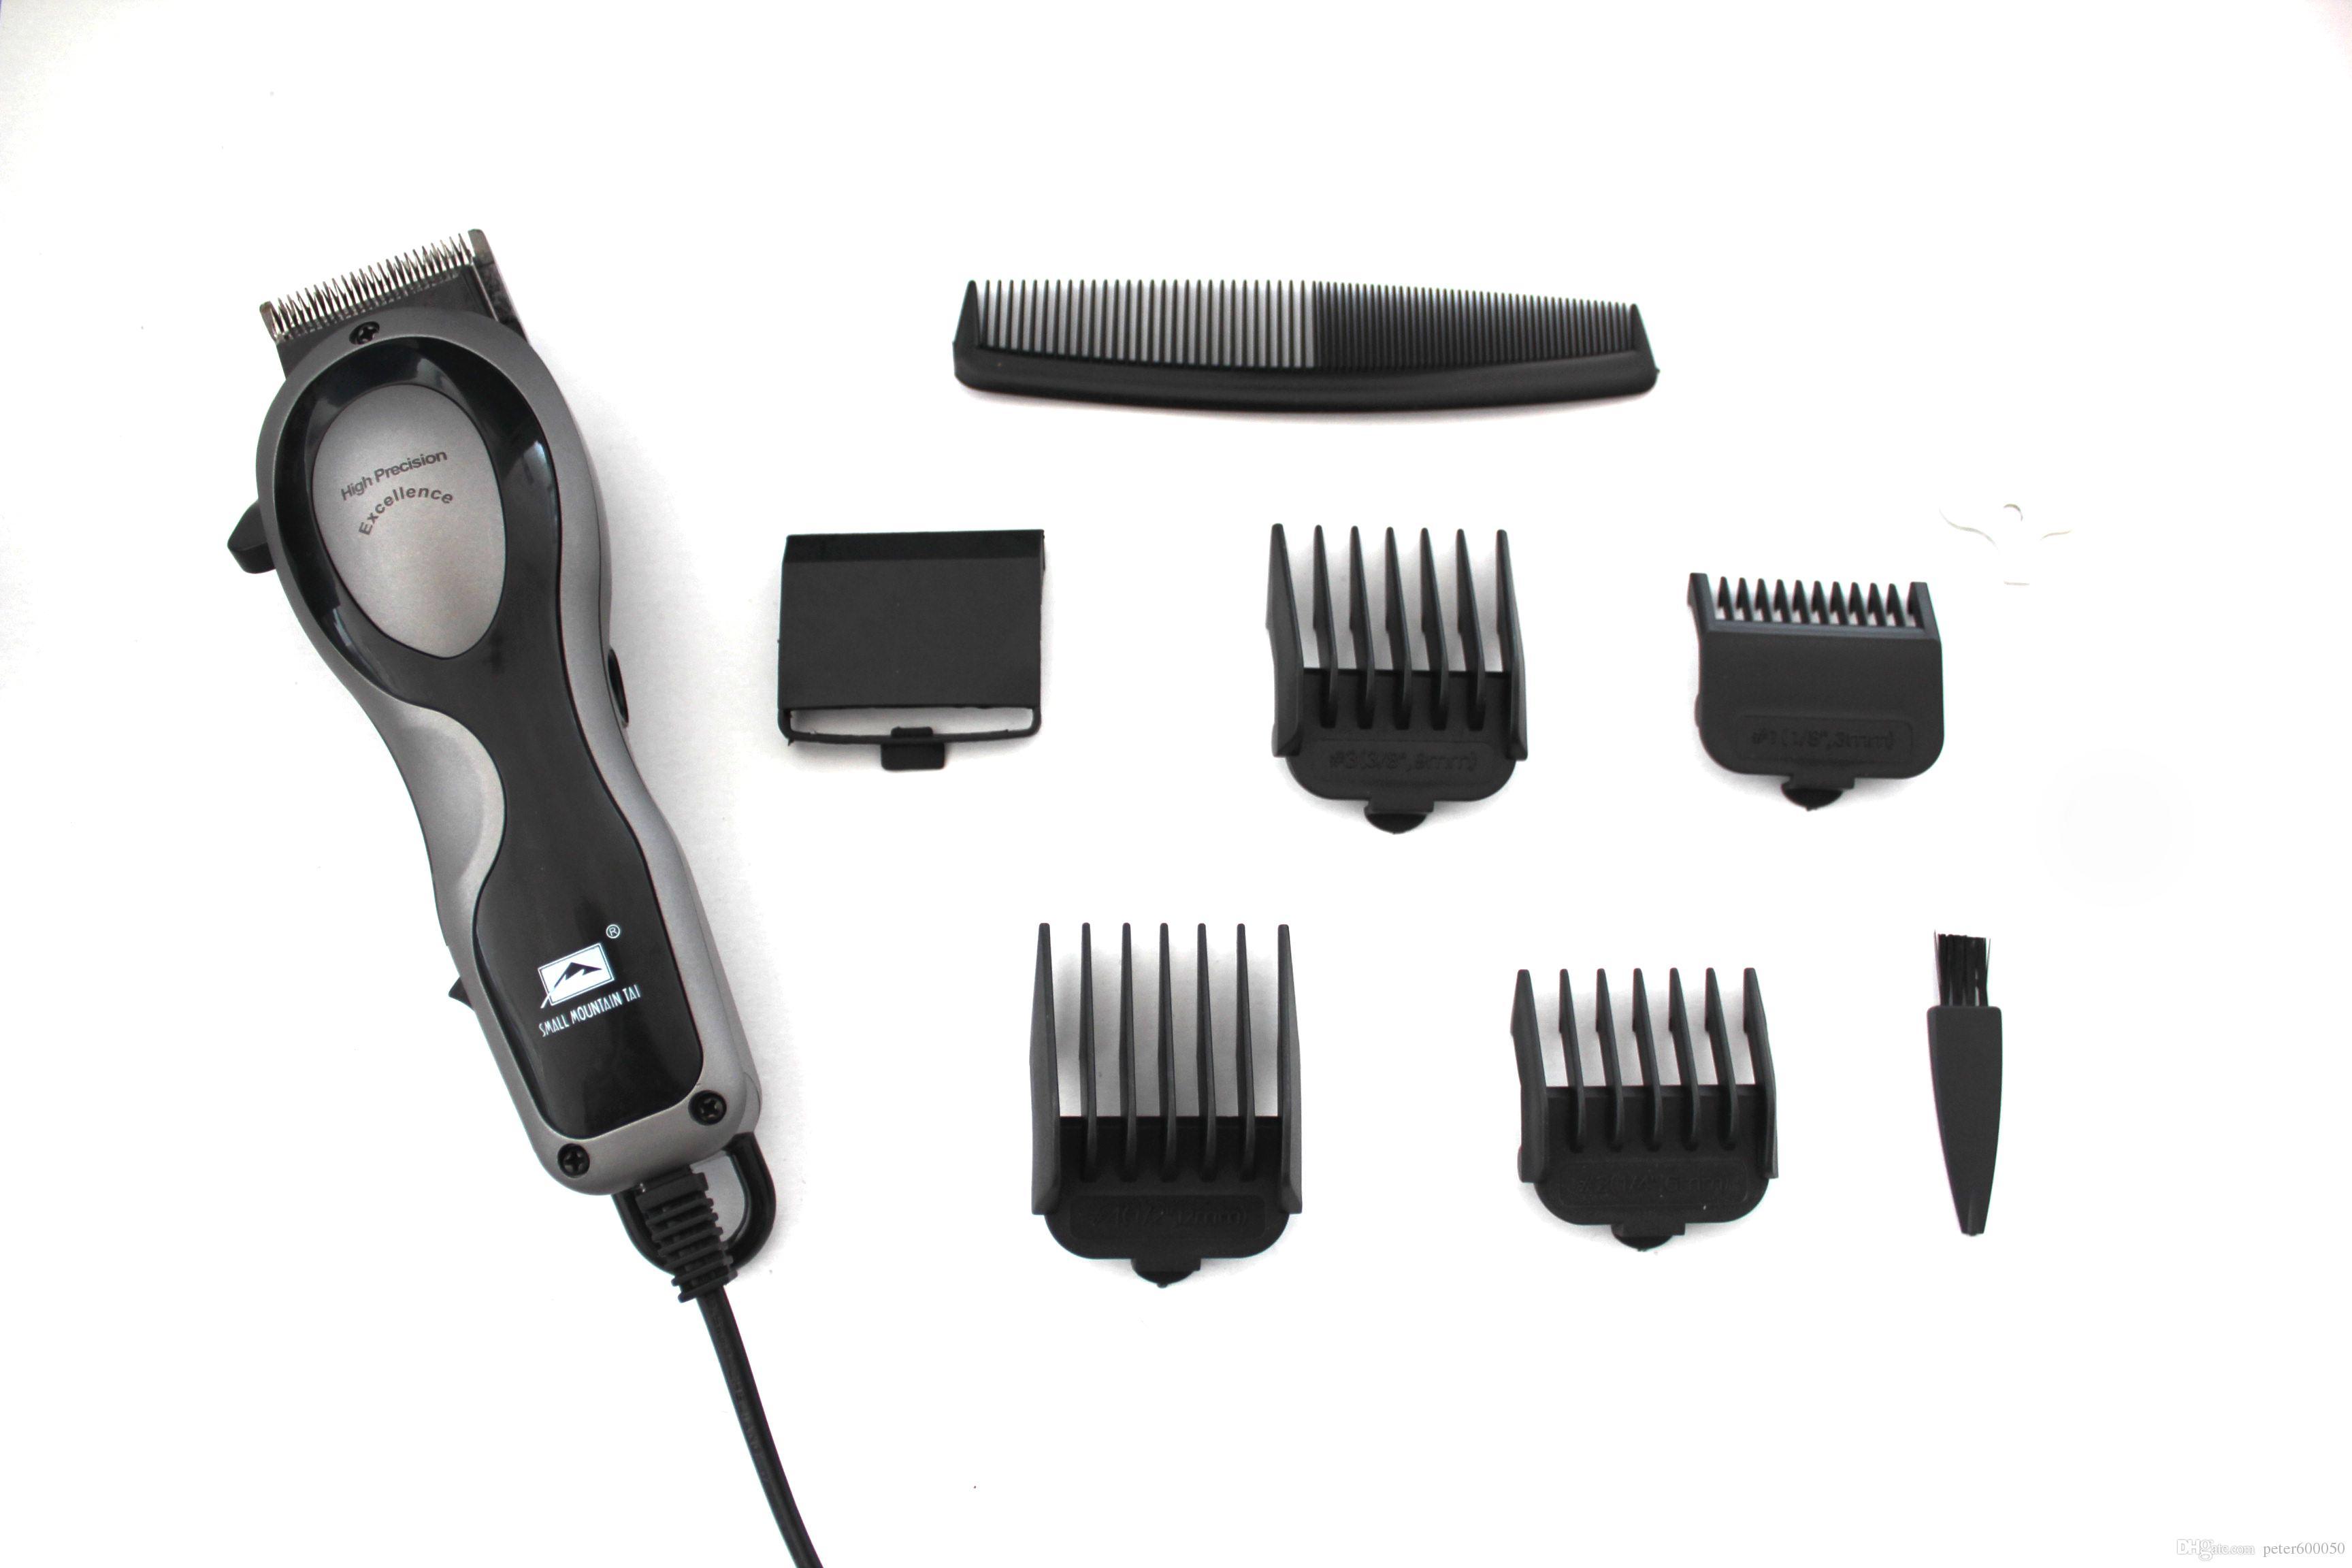 Livraison Gratuite BJT Tondeuses à cheveux professionnel super coupe-cheveux UK.EU.US plug, 110V et 220V